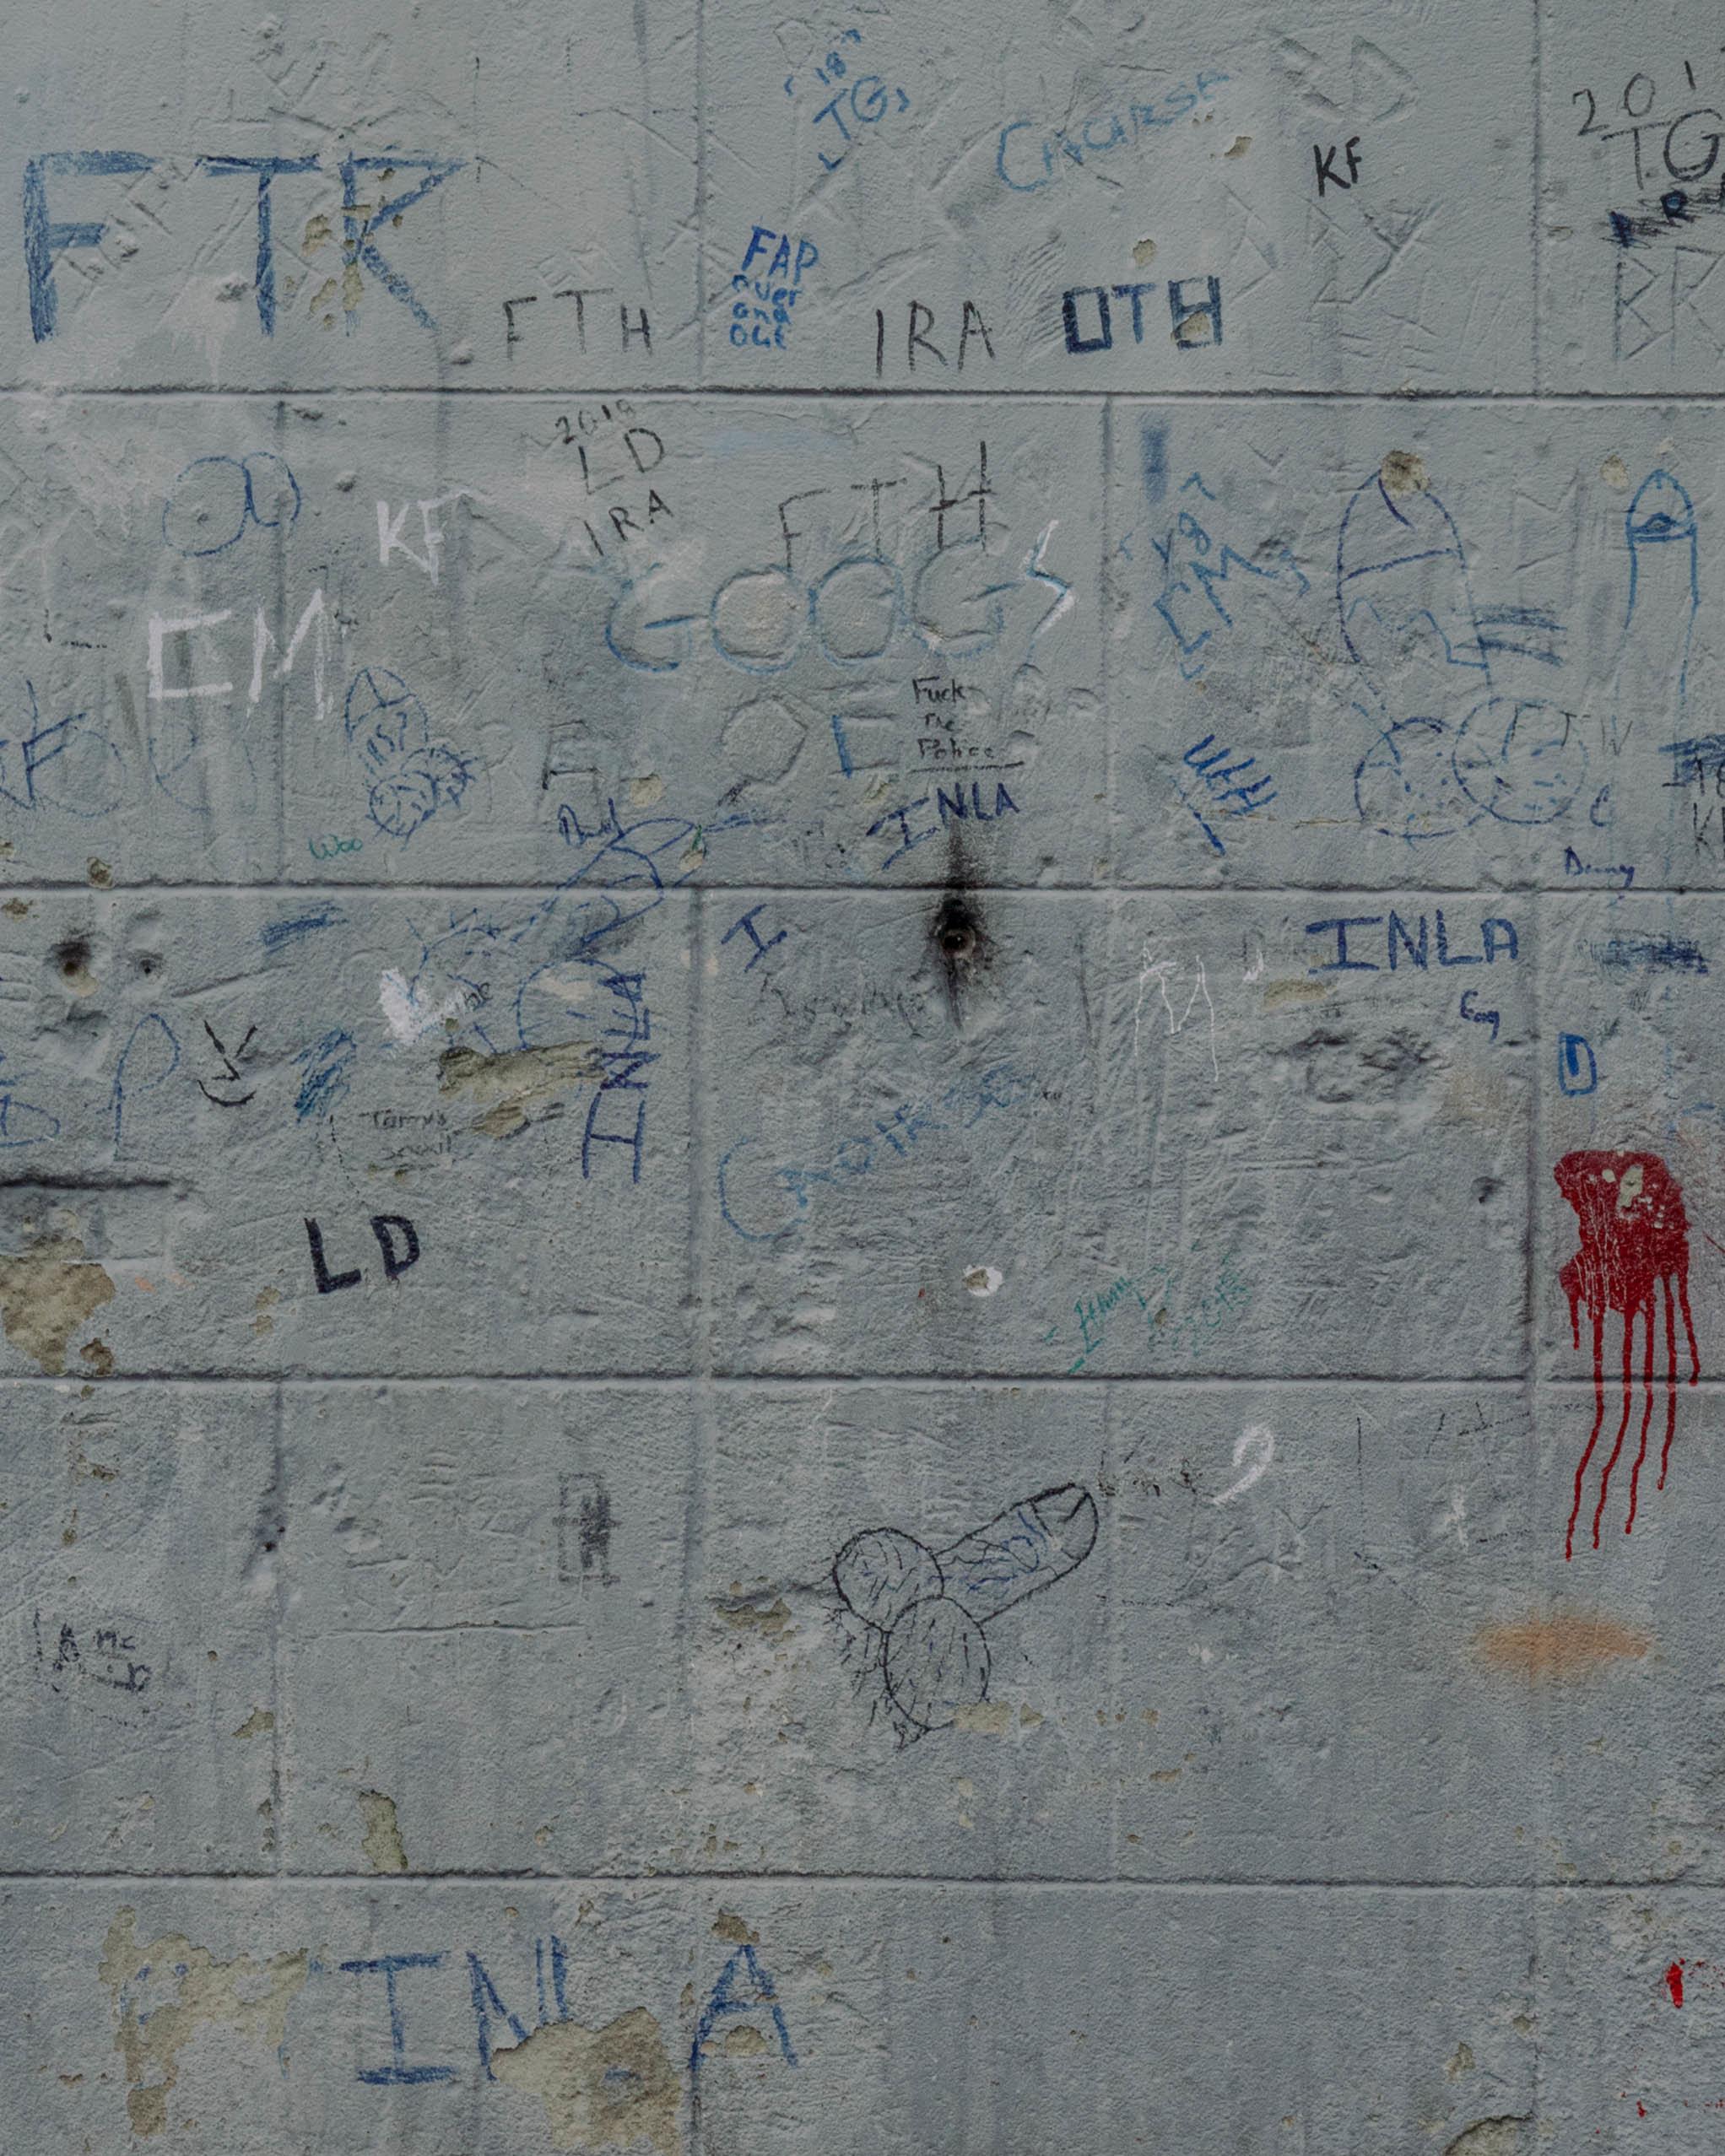 Graffiti in der Nähe des Fußballstadions im Viertel Bogside, Derry/Londonderry